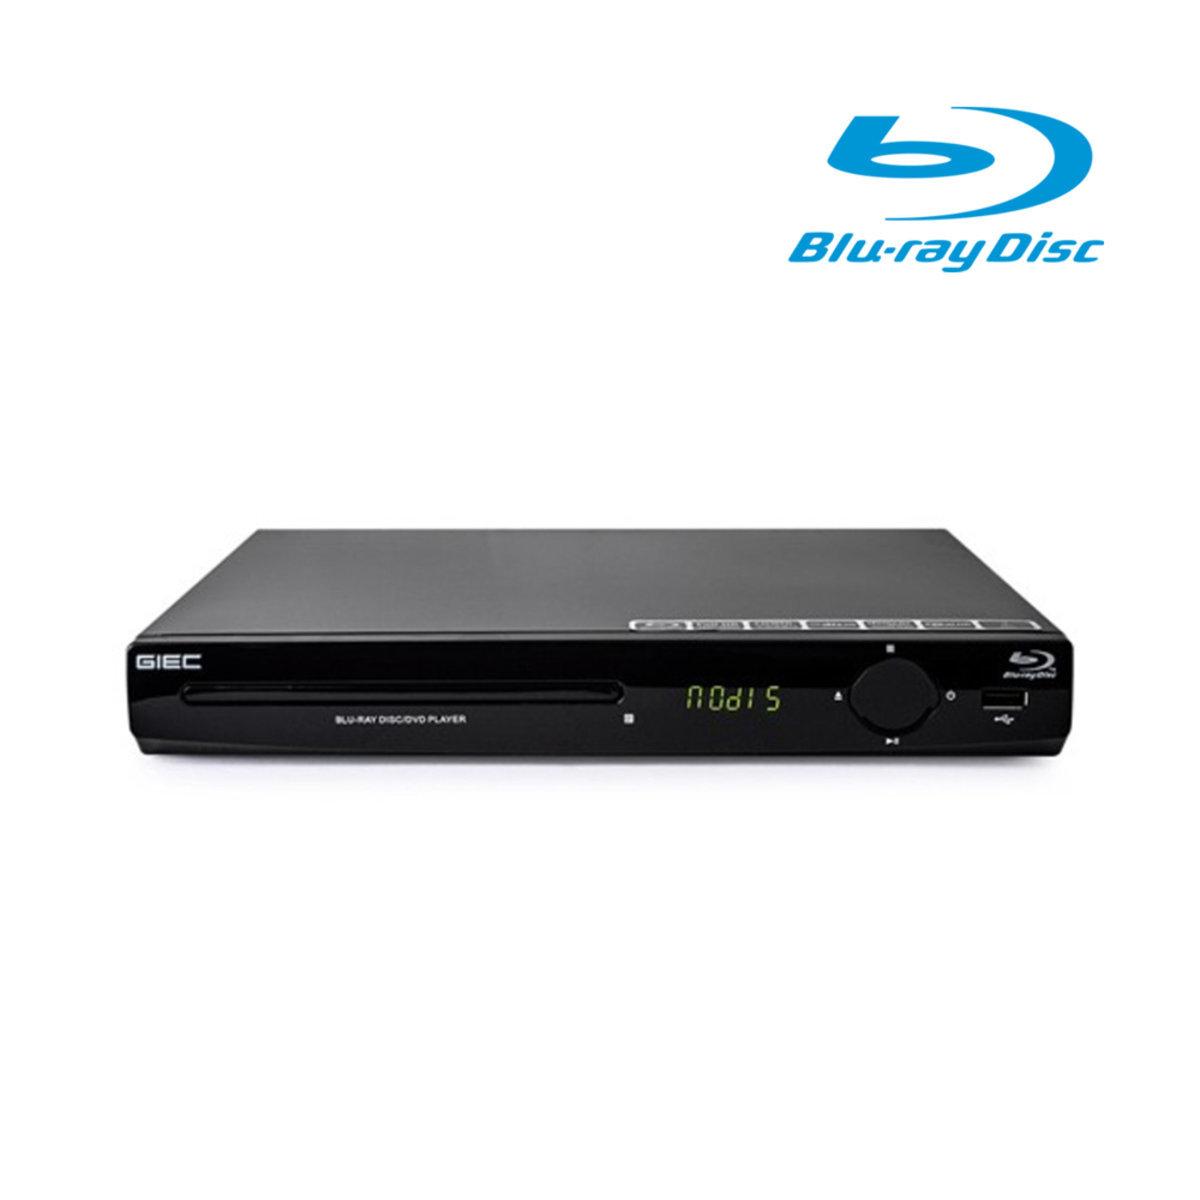 多媒體藍光播放機 BDP-G2805 (原裝行貨)